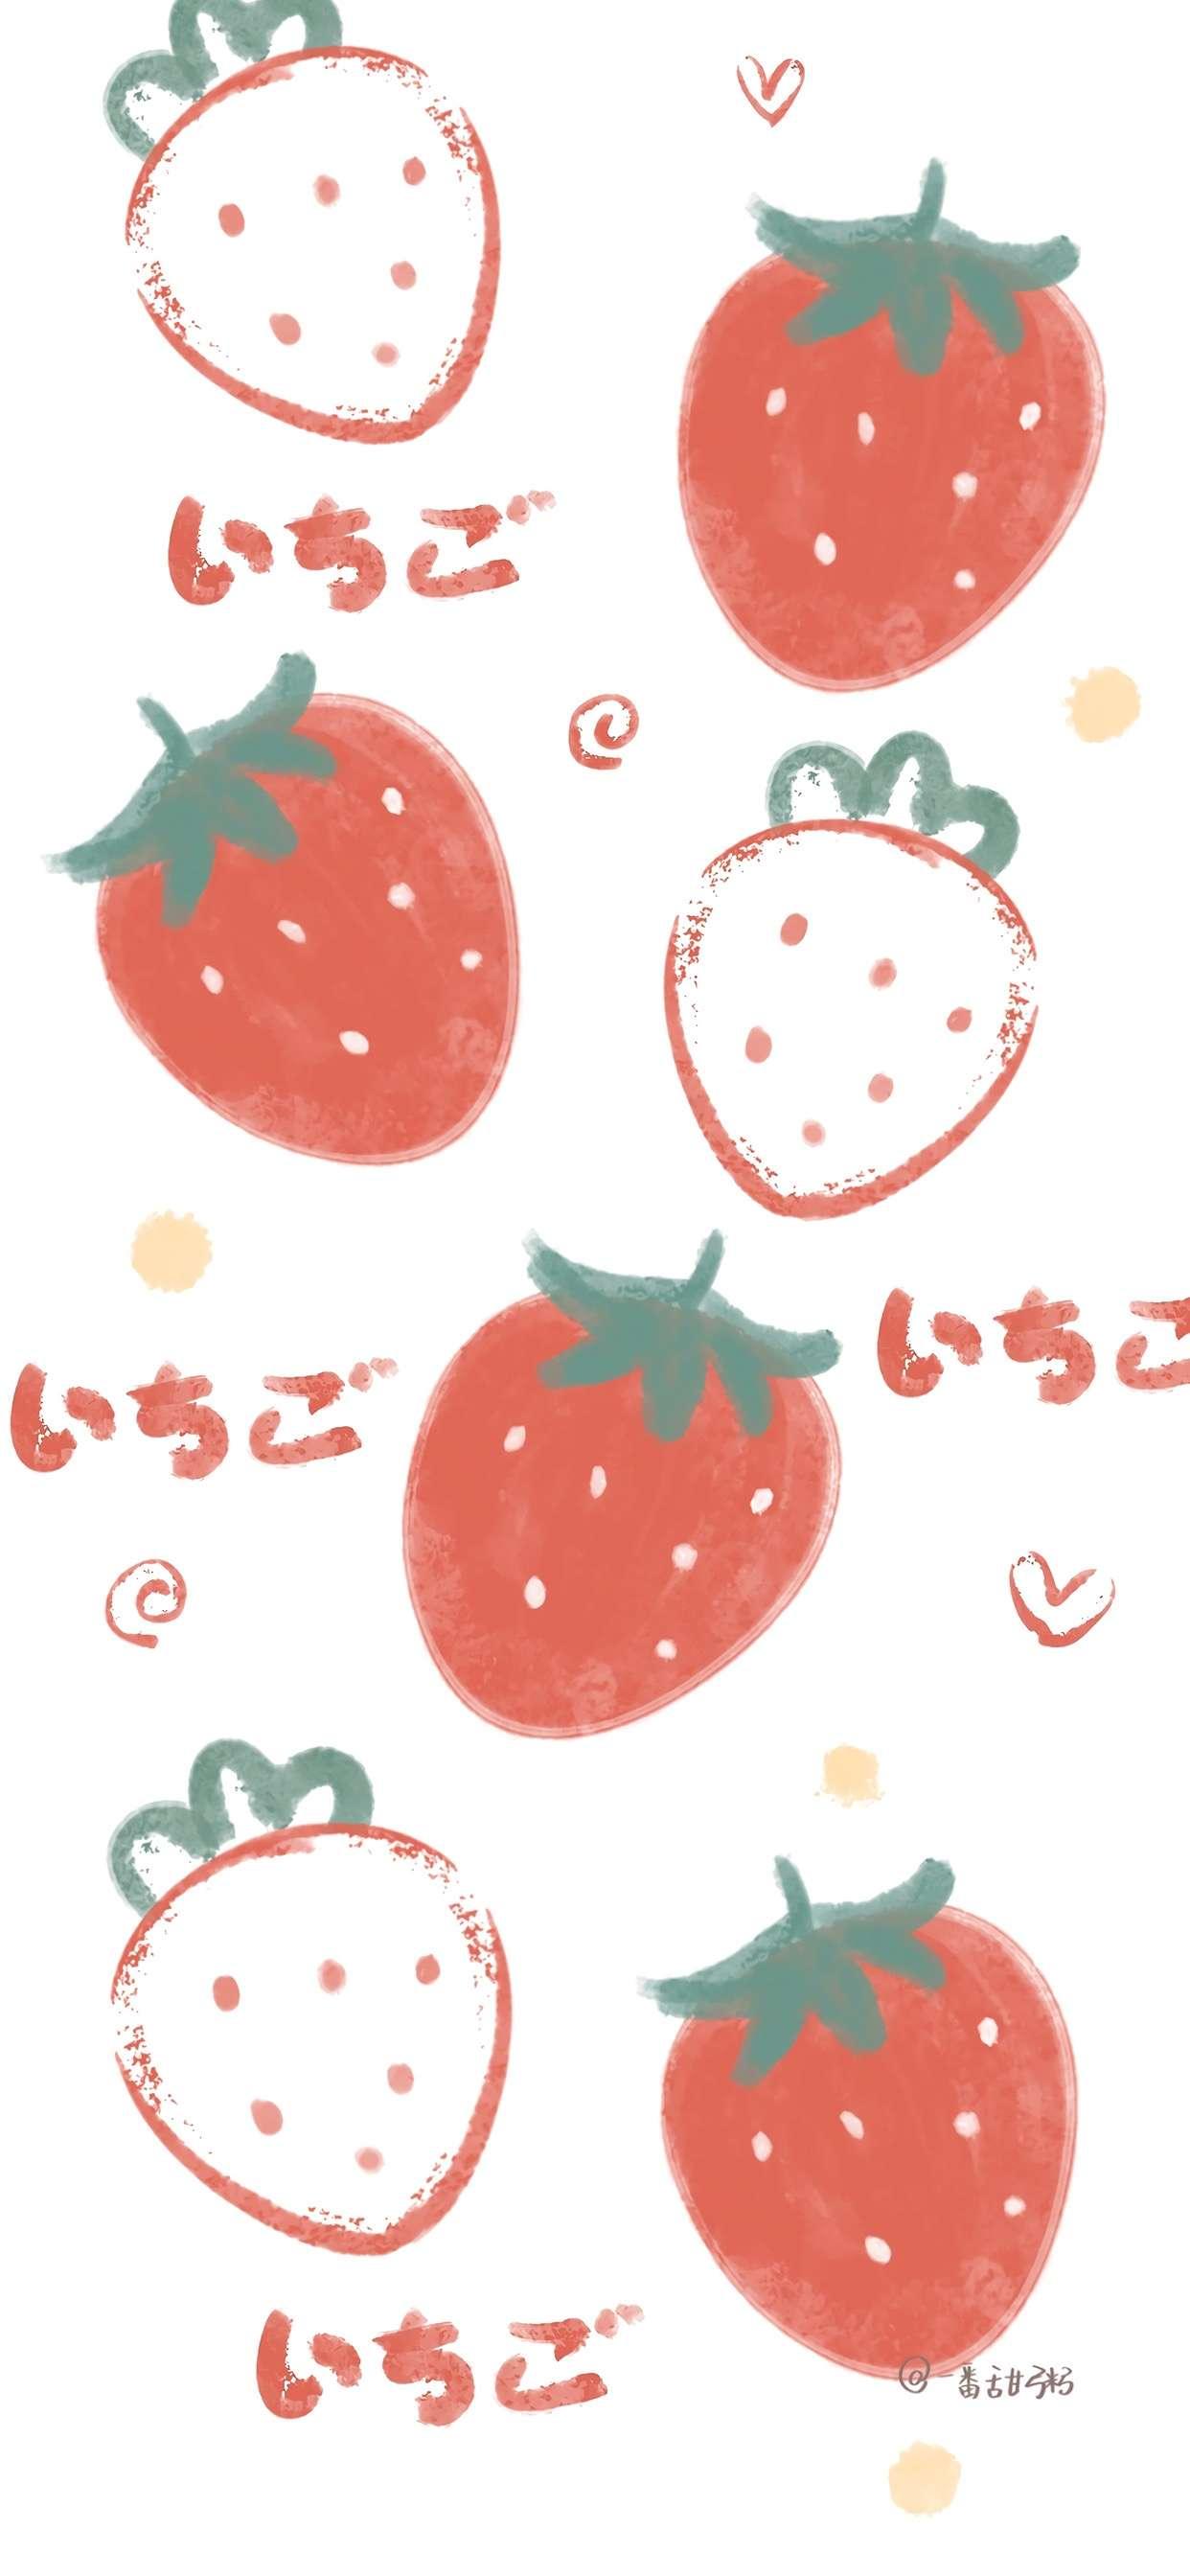 rBAAdmDzGkuAO8hXAAHuD3wrcYo169.jpg插图(1)